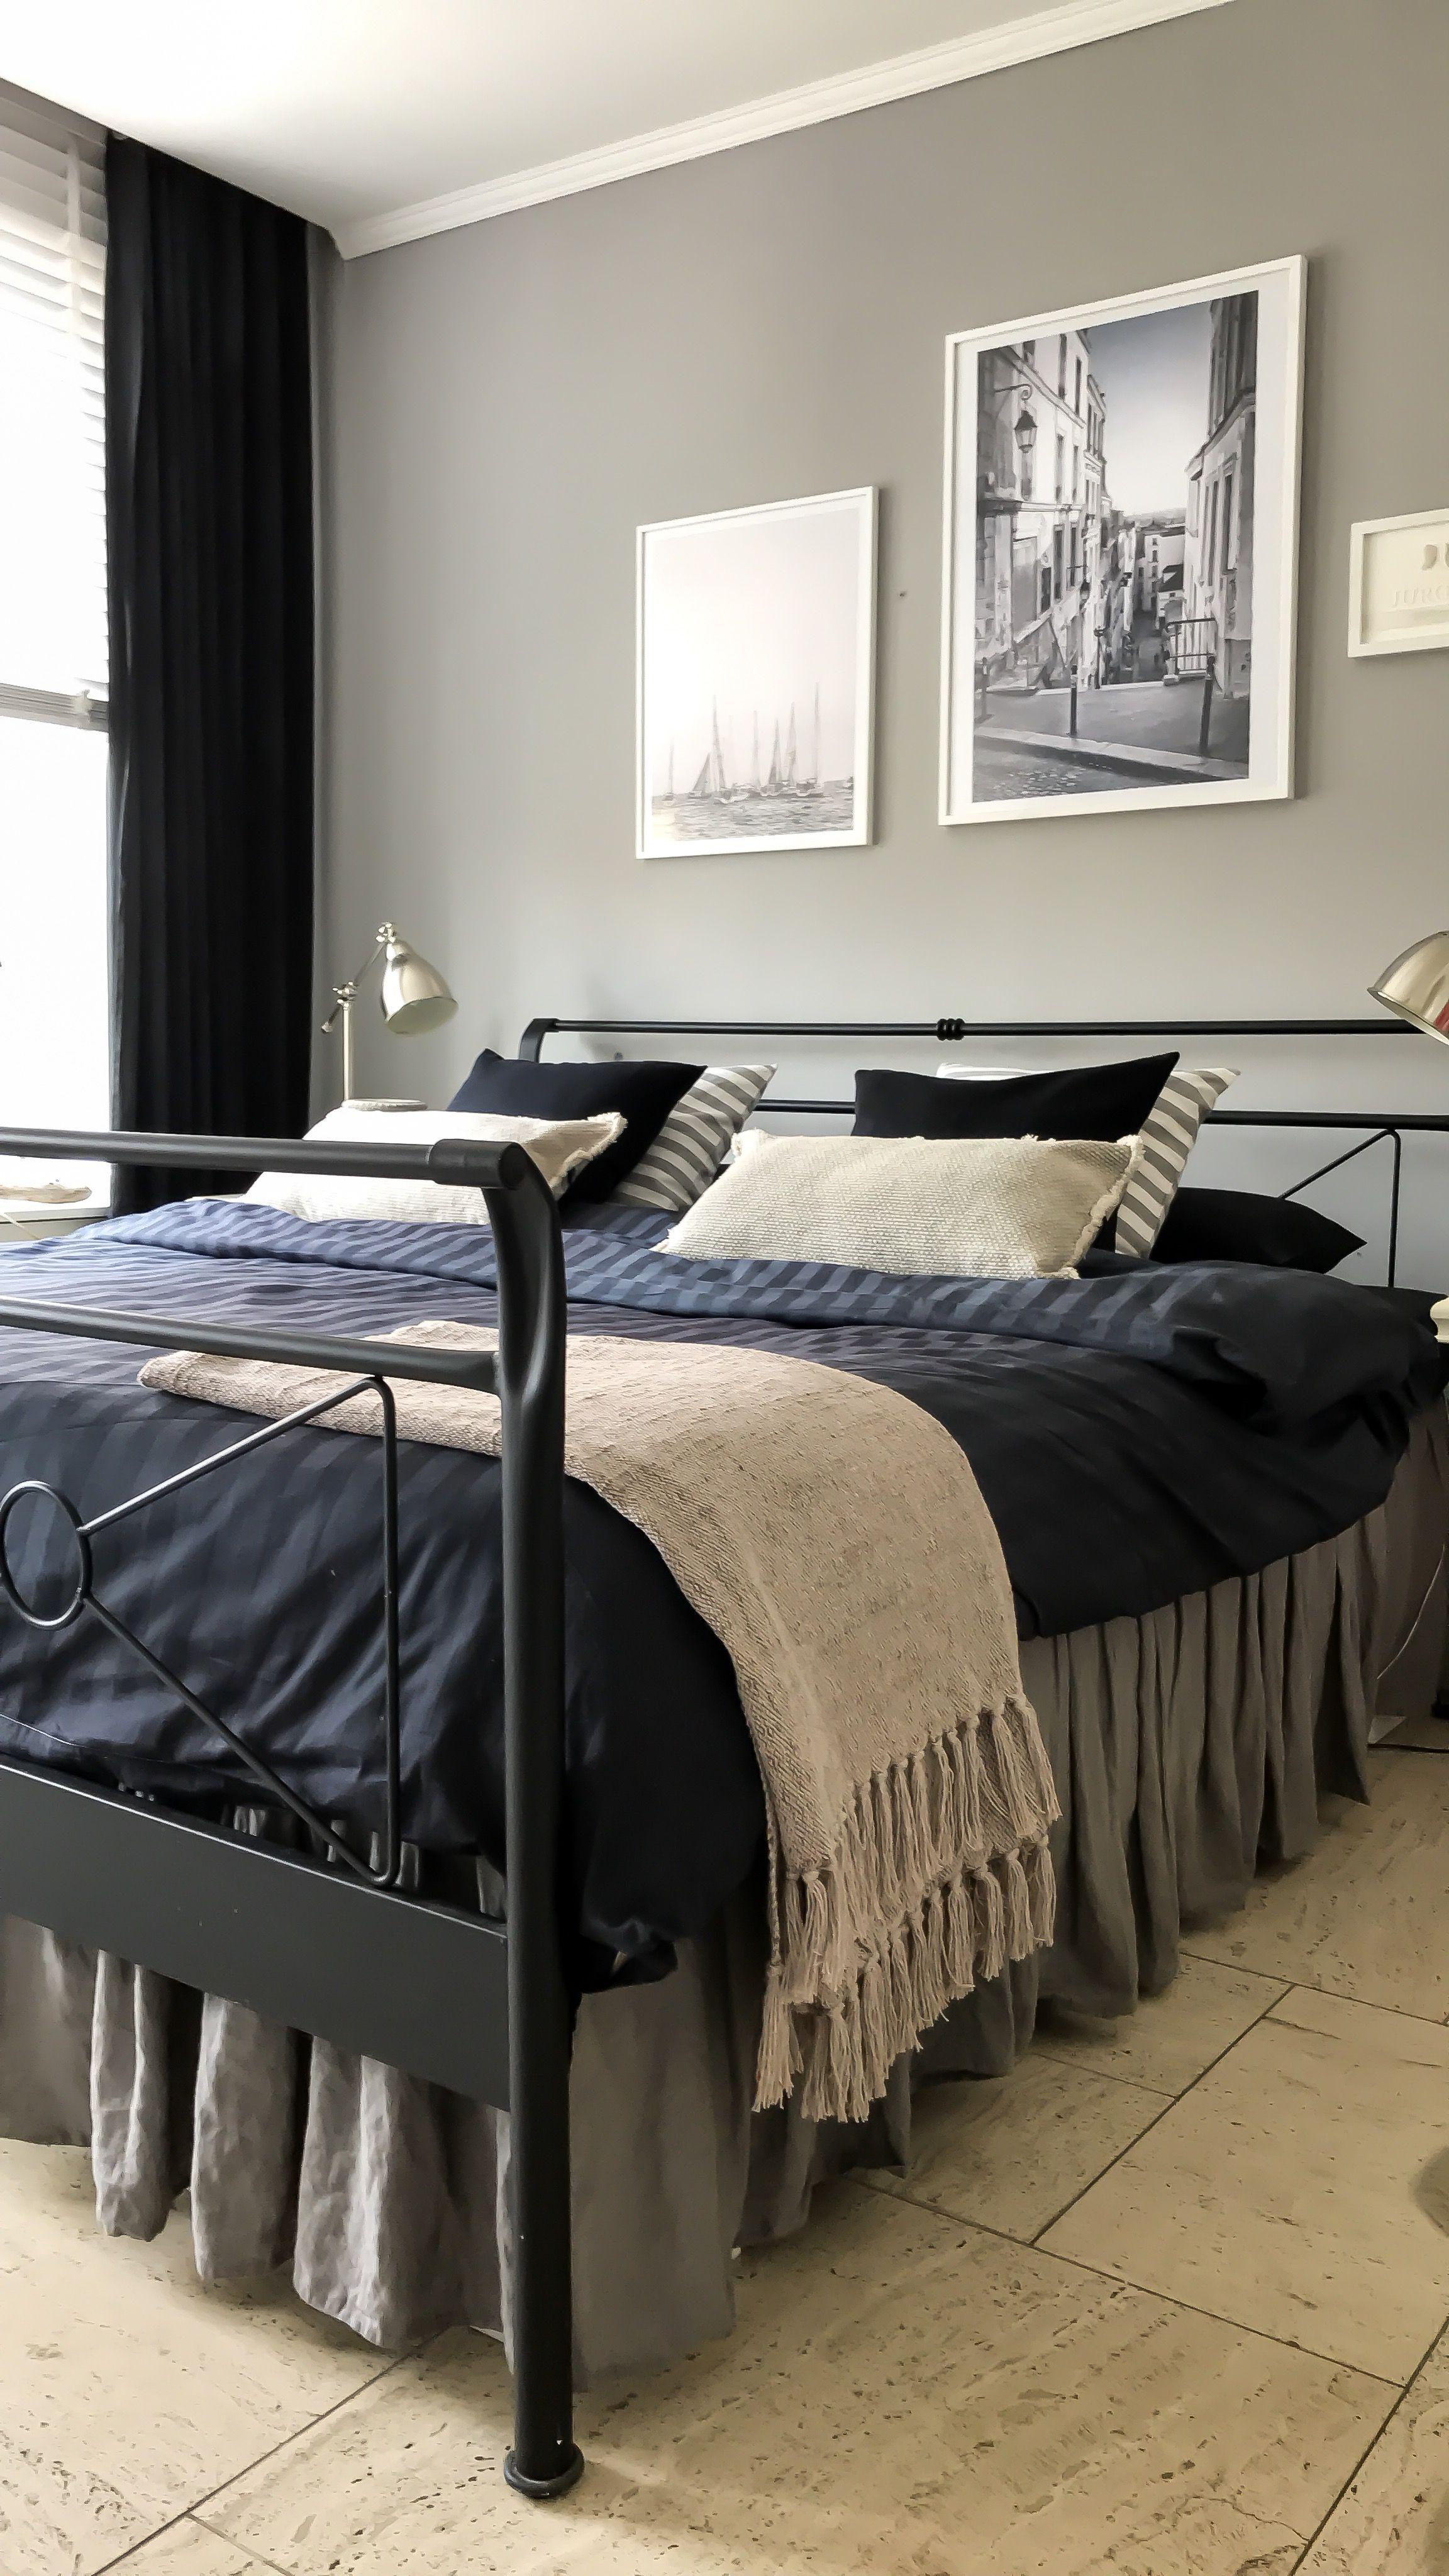 Exquisit Bett Minimalistisch Ideen Von